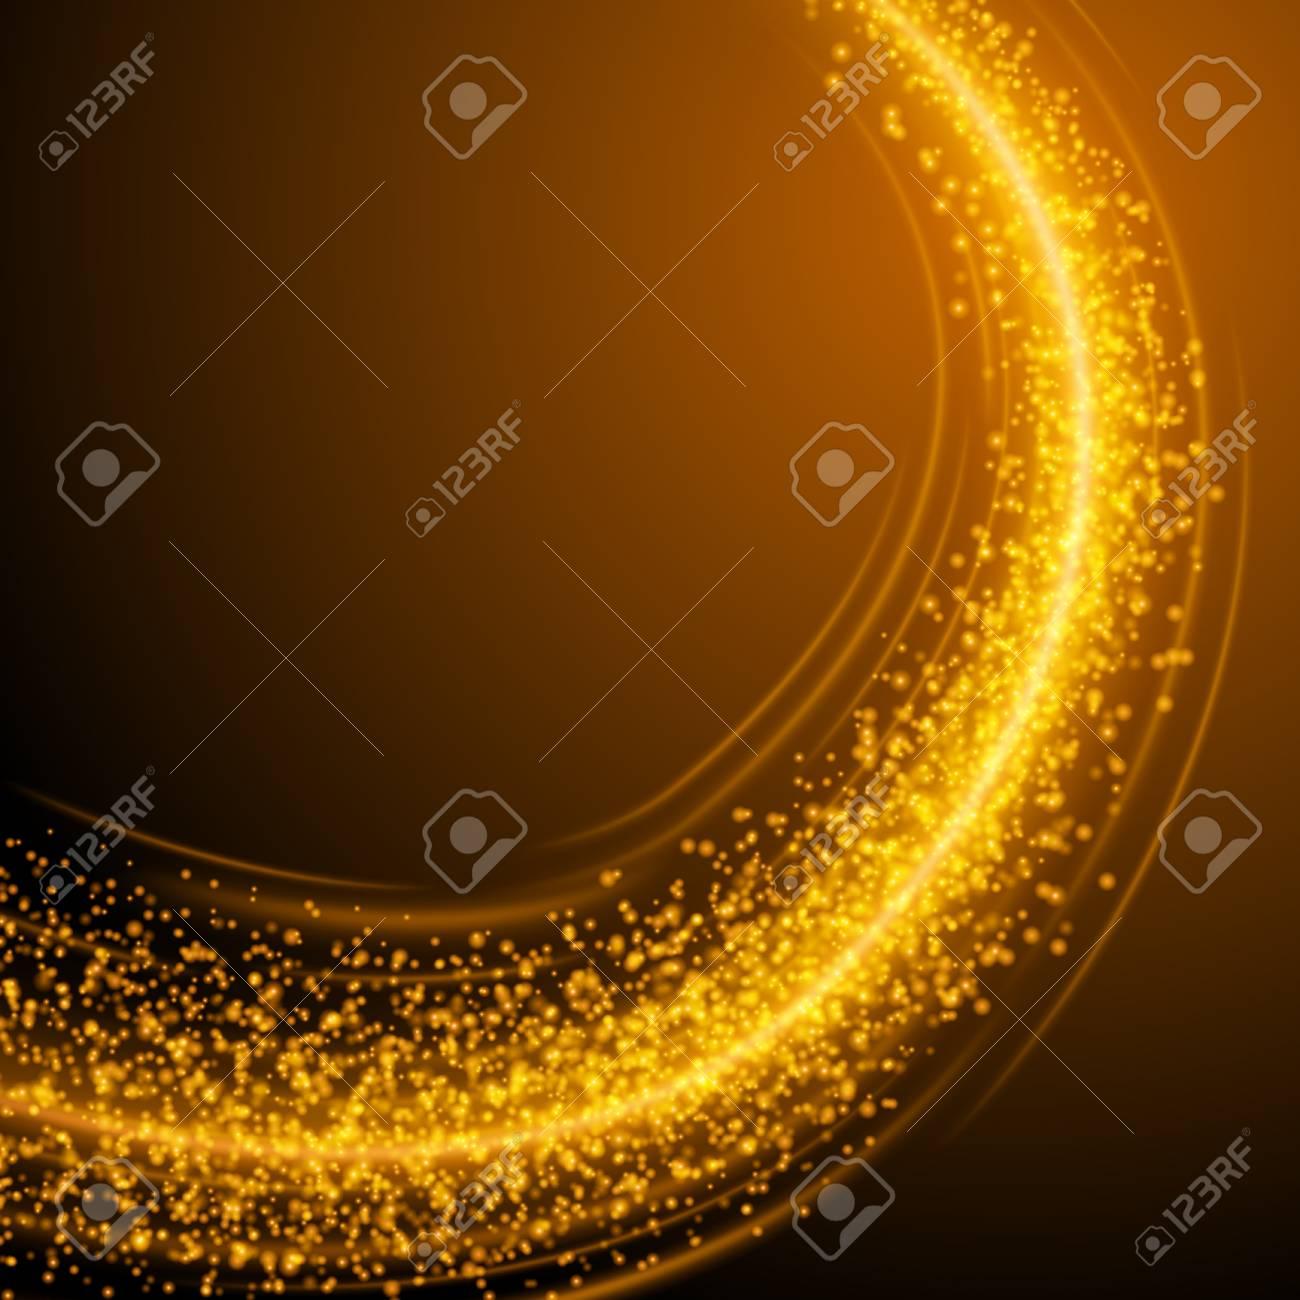 抽象的な黄金光ボケ背景ベクトル イラスト。魔法多重ゴールドラメが輝き